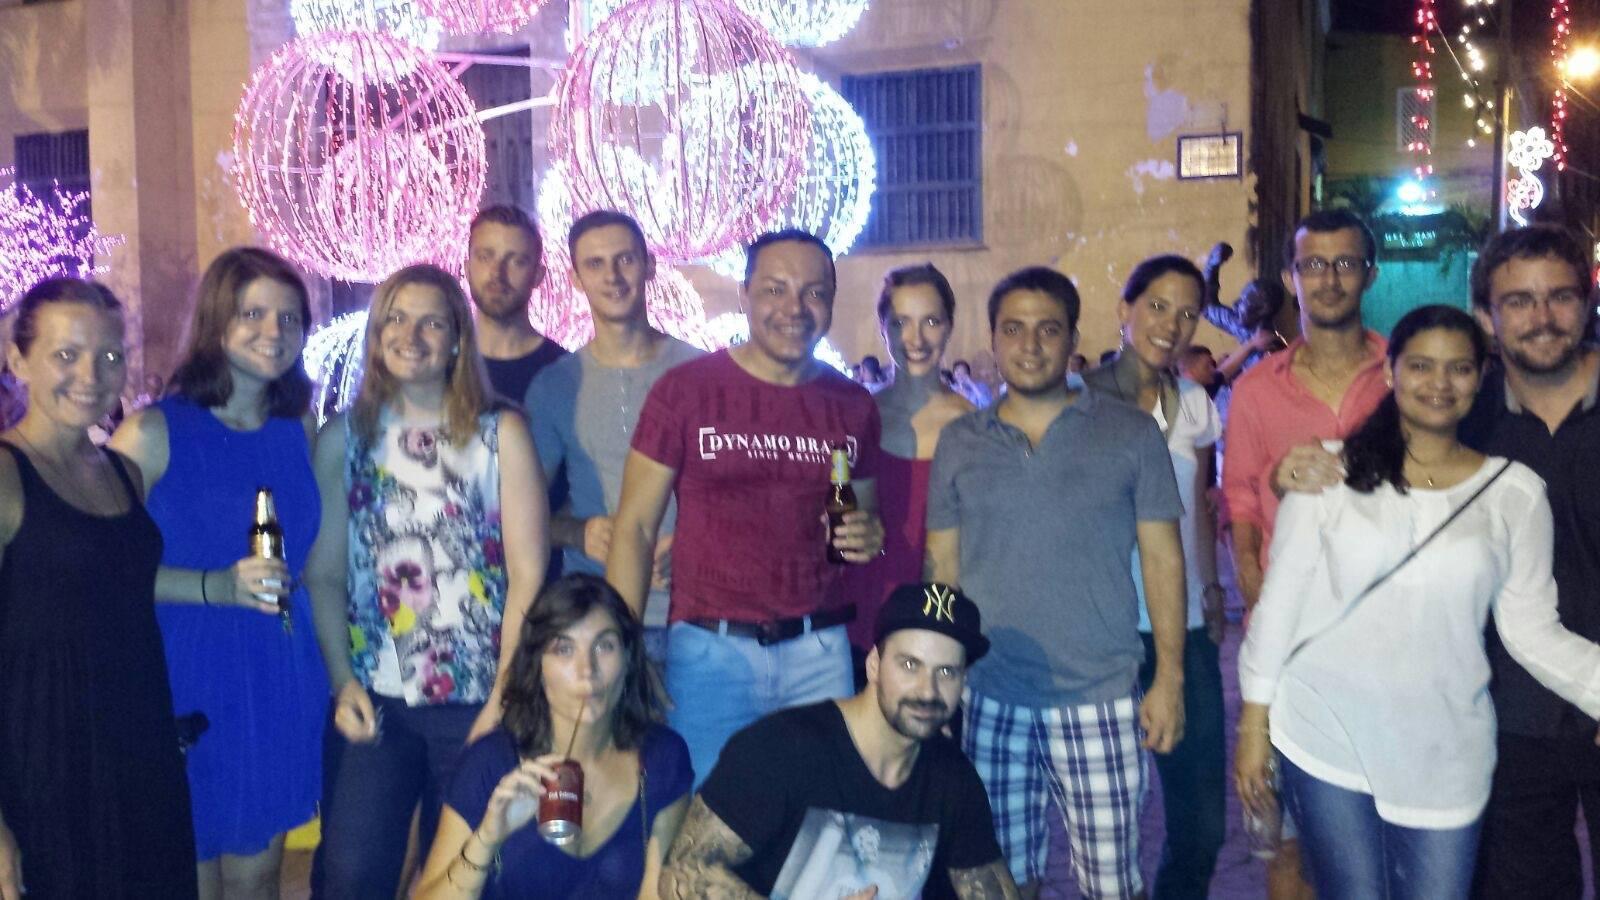 Our December 2015 Nueva Lengua group at Plaza de la Trinidad.